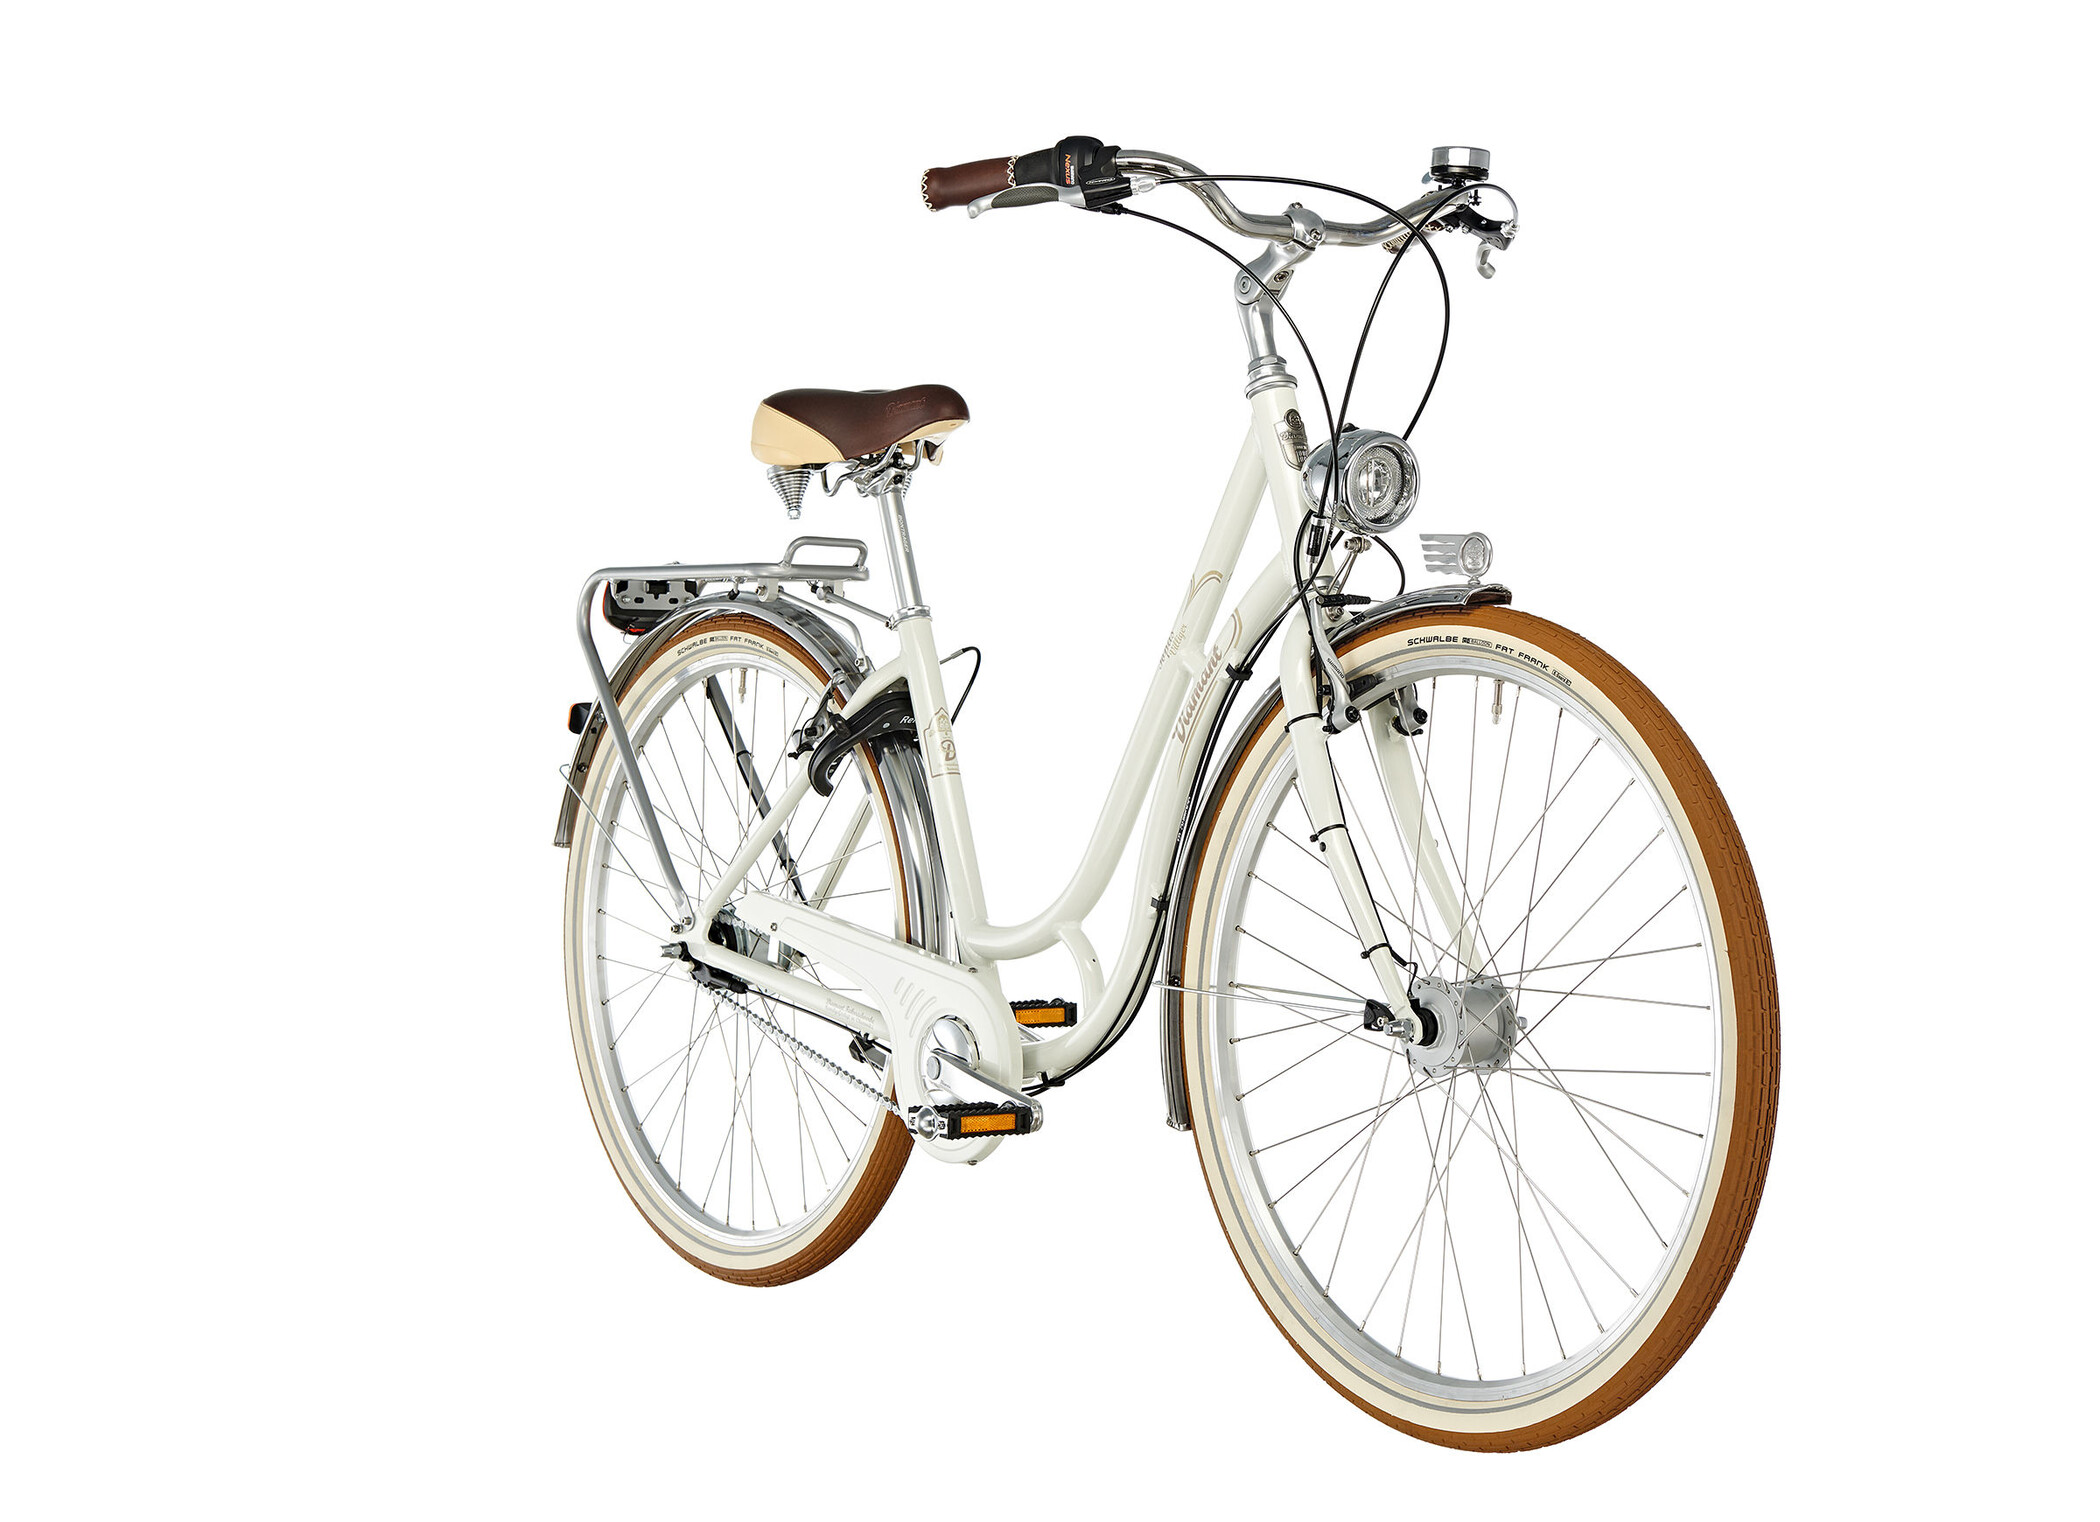 Damen Fahrrad günstig kaufen | bikester.at